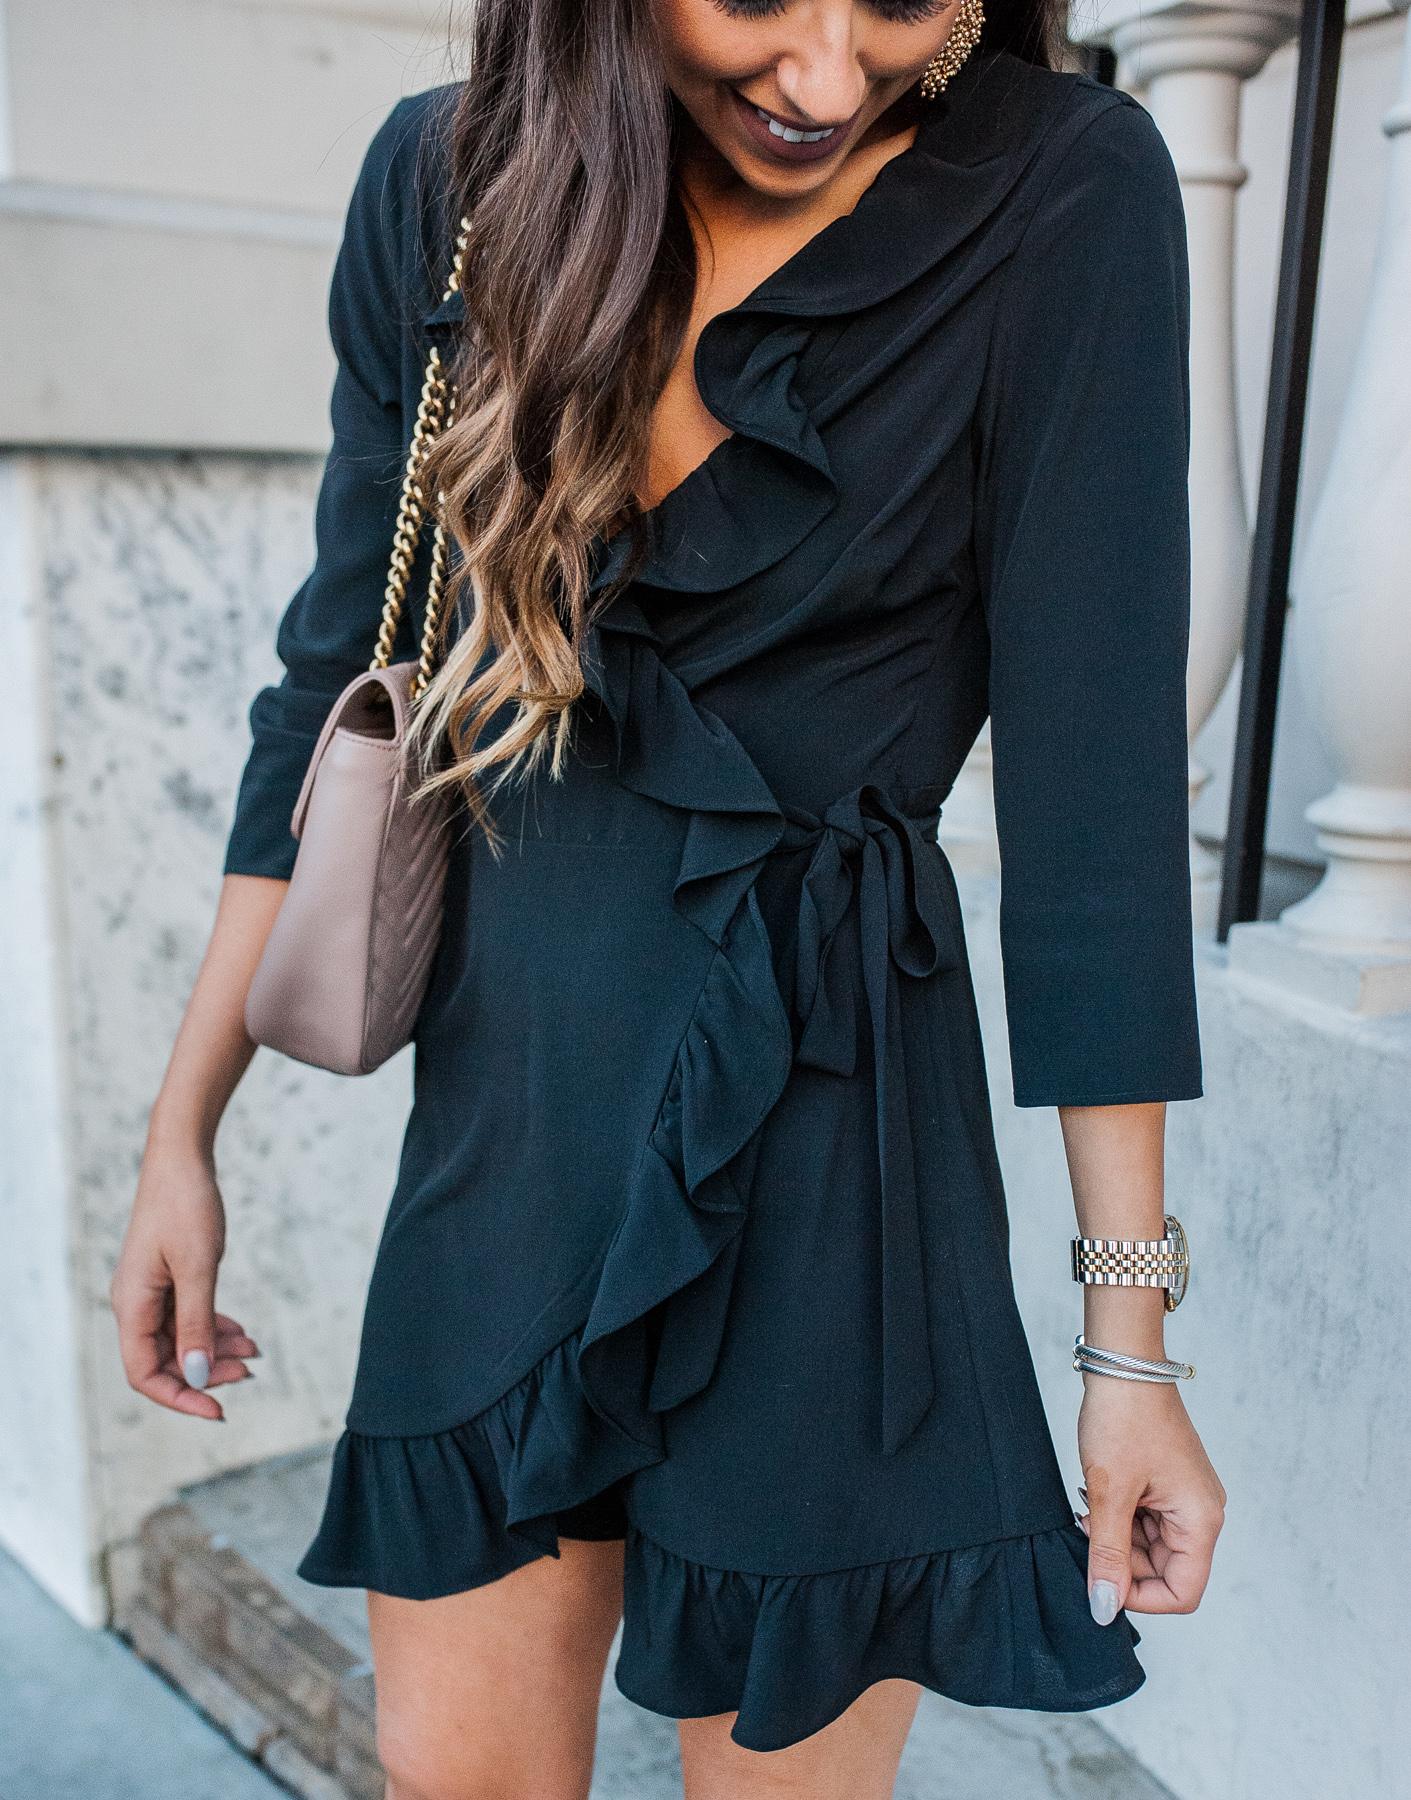 Little Black Dress | Dress Up Buttercup